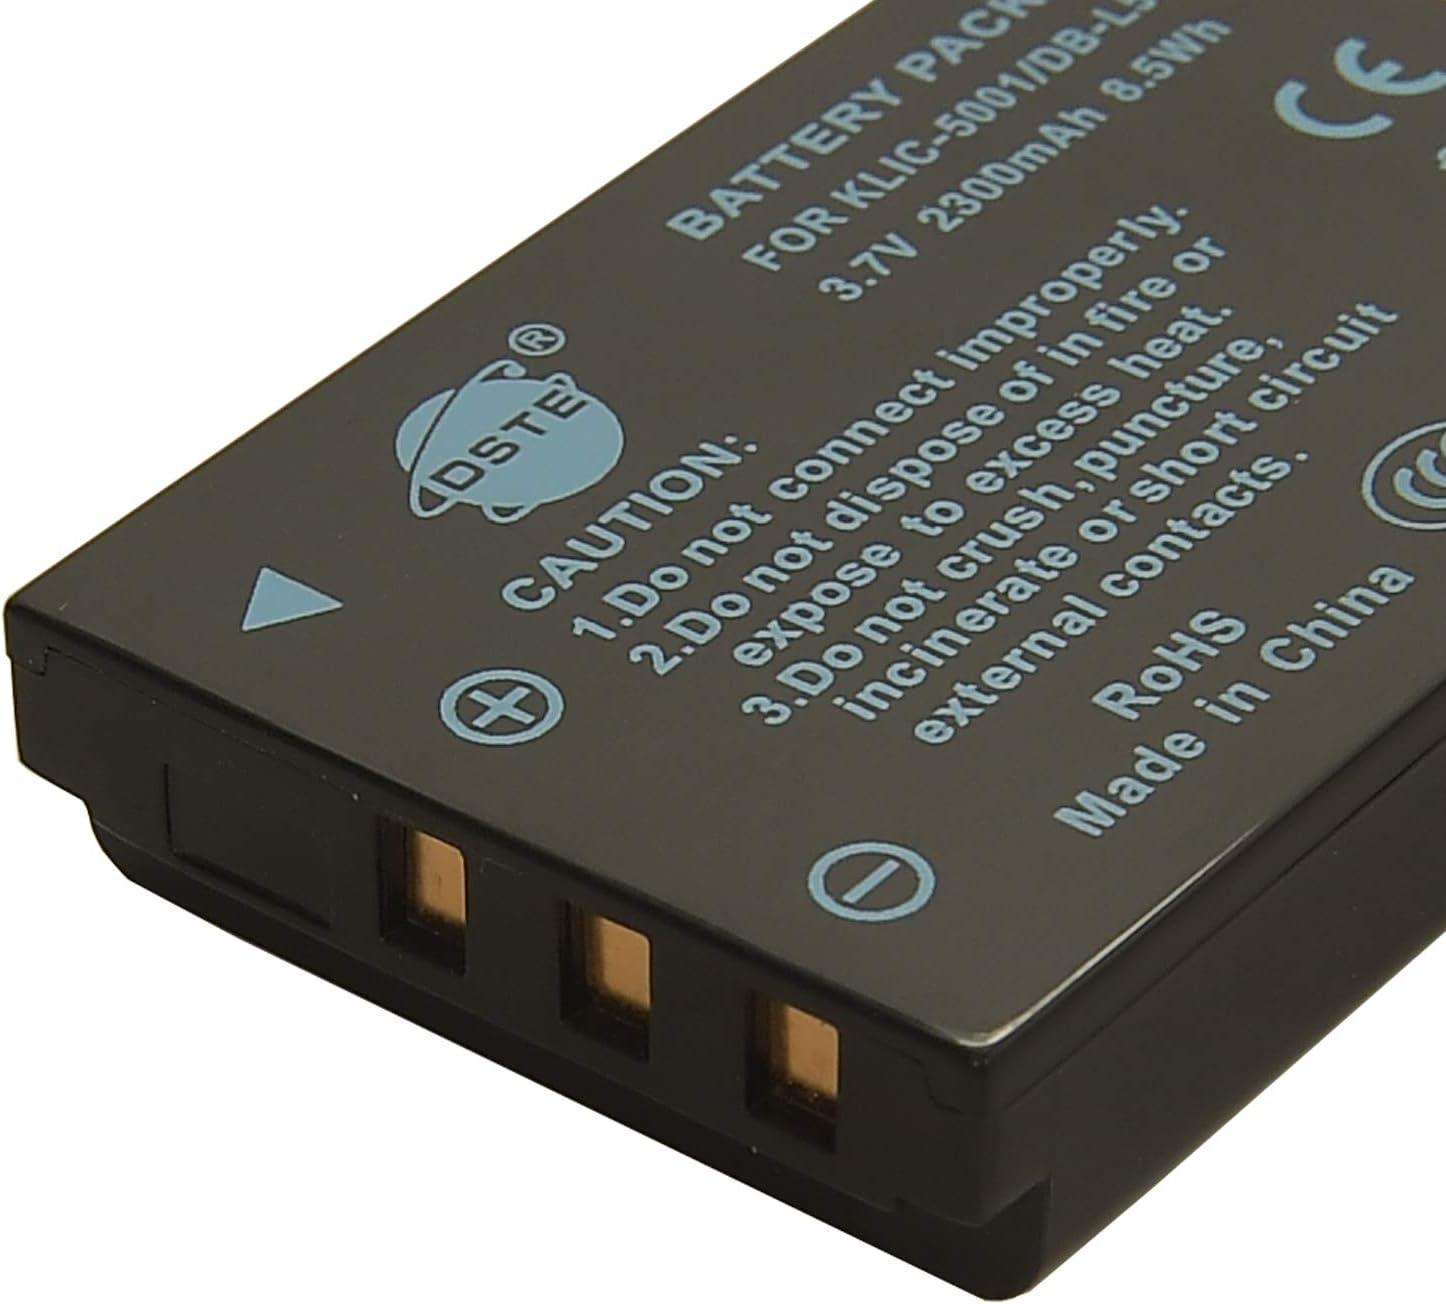 VPC-HD1000 DMX-TH1 DMX-WH1 VPC-HD2000 VPC-TH2 VPC-TH1 VPC-HD1010 DMX-HD1010 DB-L50 USB Cargador para Sanyo Xacti DMX-FH11 DMX-HD2000 VPC-WH1 bater/ía de la c/ámara y M/ás DMX-HD1000